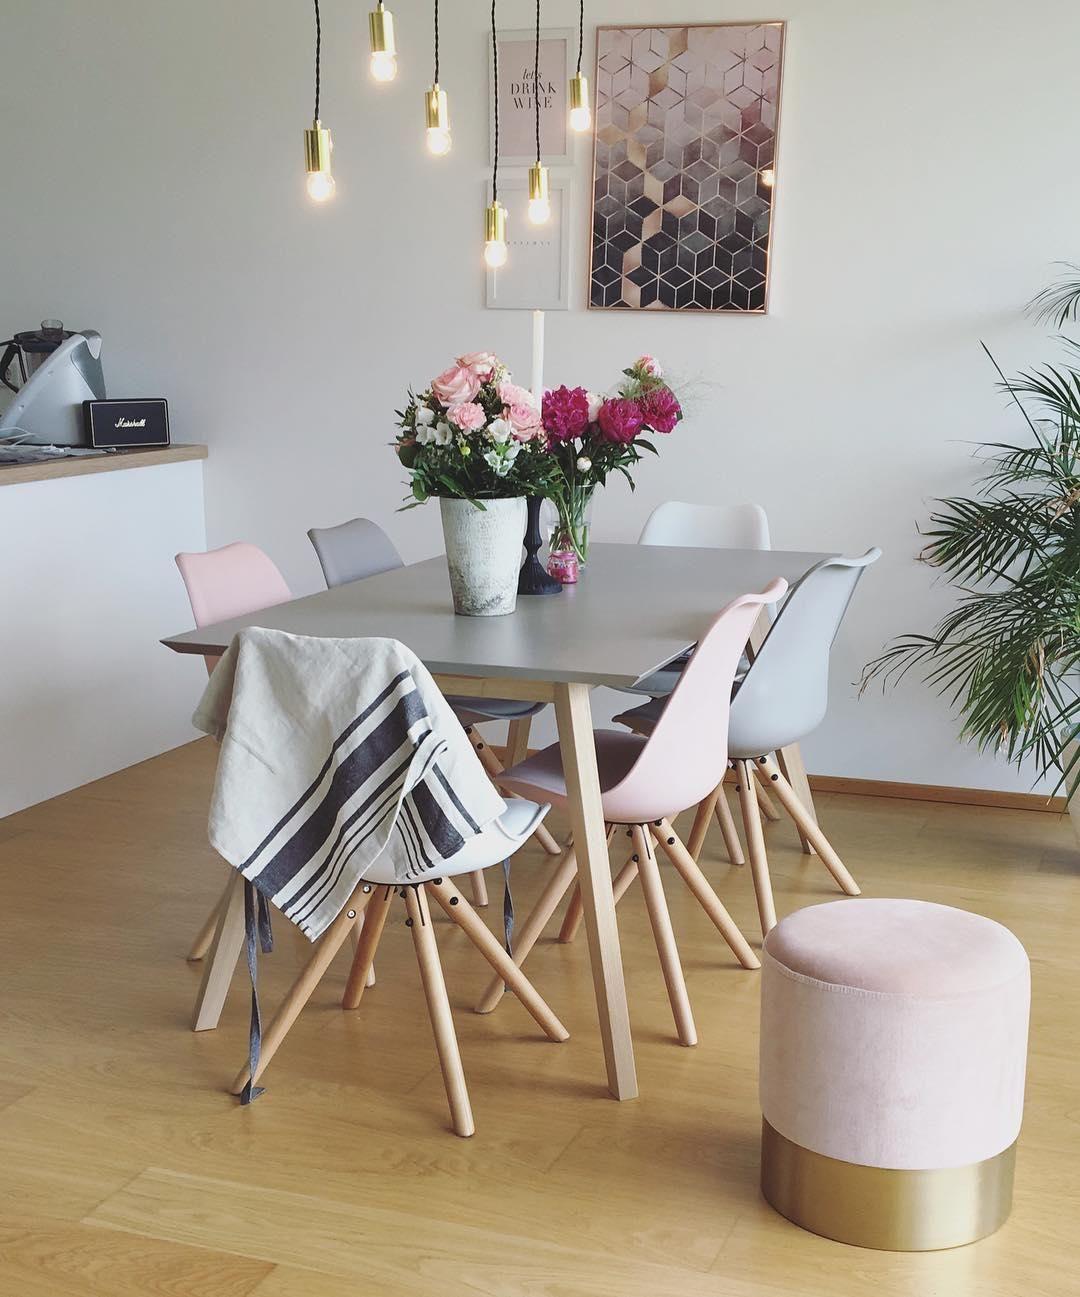 Samt Hocker Harlow Interior Design